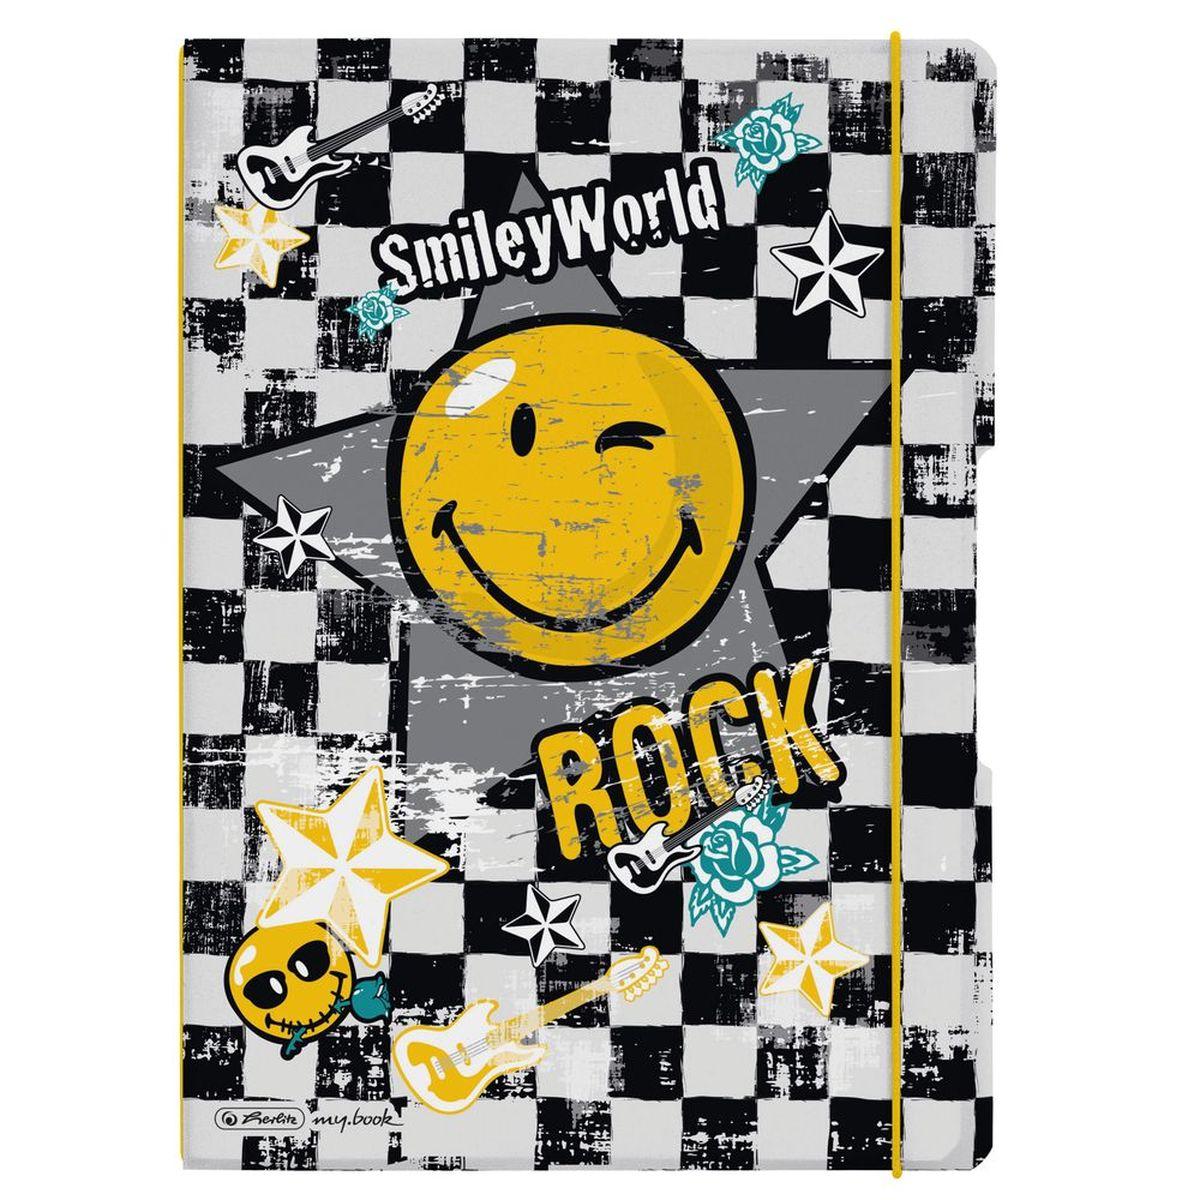 """Herlitz Блокнот my.book Flex Smiley Rock 80 листов в клетку/линейку11361623Комбинируемый блокнот от Herlitz my.book Flex Smiley Rock подойдет для любого случая: в университете, в школе, дома или в офисе. Получите ежедневную дозу Рок н ролла с новой дизайнерской серией Smiley World! Клевые и прикольные смайлы, «шахматный» дизайн, а также различные детали рок-культуры, такие как гитары или розы, стилизованные под тату, привлекут внимание любого подростка.Благодаря разным бумажным сменным блокам, а также эластичным резинкам и креплению блокнот my.book всегда остается уникальным и разнообразным. С помощью наборов эластичных резинок вы можете немного менять внешний вид своего блокнота my.book flex каждый день. При желании вы можете просто продолжать использовать свою любимую обложку, потому что с бумажными блоками всегда есть, где писать.Пластиковый блокнот my.book flex завоюет ваше сердце. Пластиковая версия блокнота формата A4 имеет еще одно преимущество: уникальная система """"2-в-1"""". В отличие от обычных блокнотов, эта версия позволяет использовать одновременно бумажные блоки в клетку и в линейку. Утомительная необходимость носить за собой разные блокноты и тетради ушла в прошлое."""